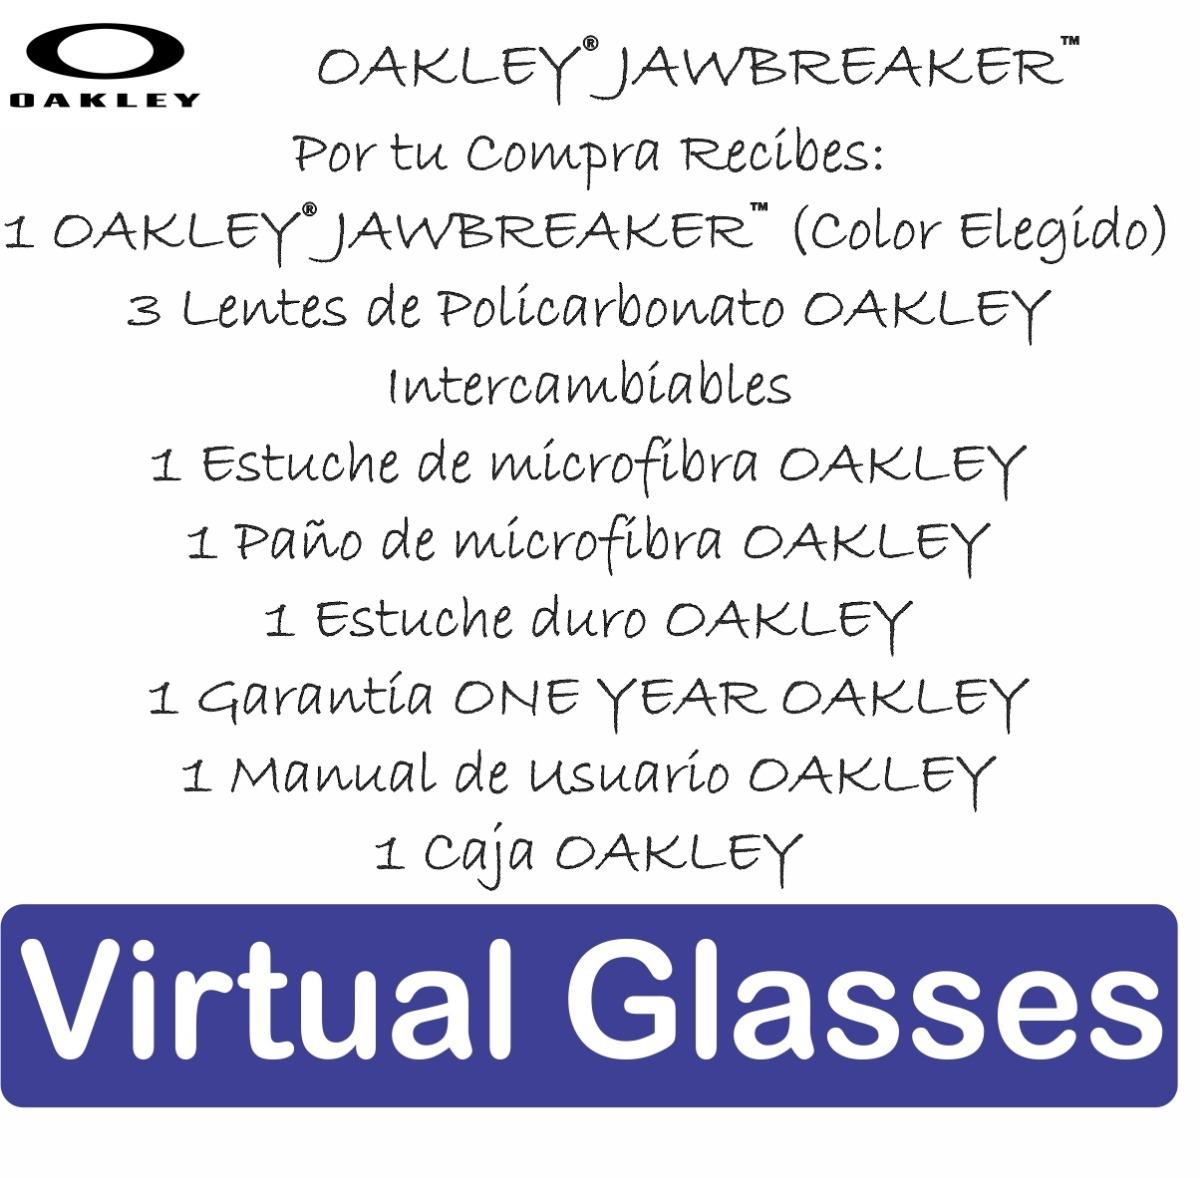 oakley jawbreaker 3 lentes